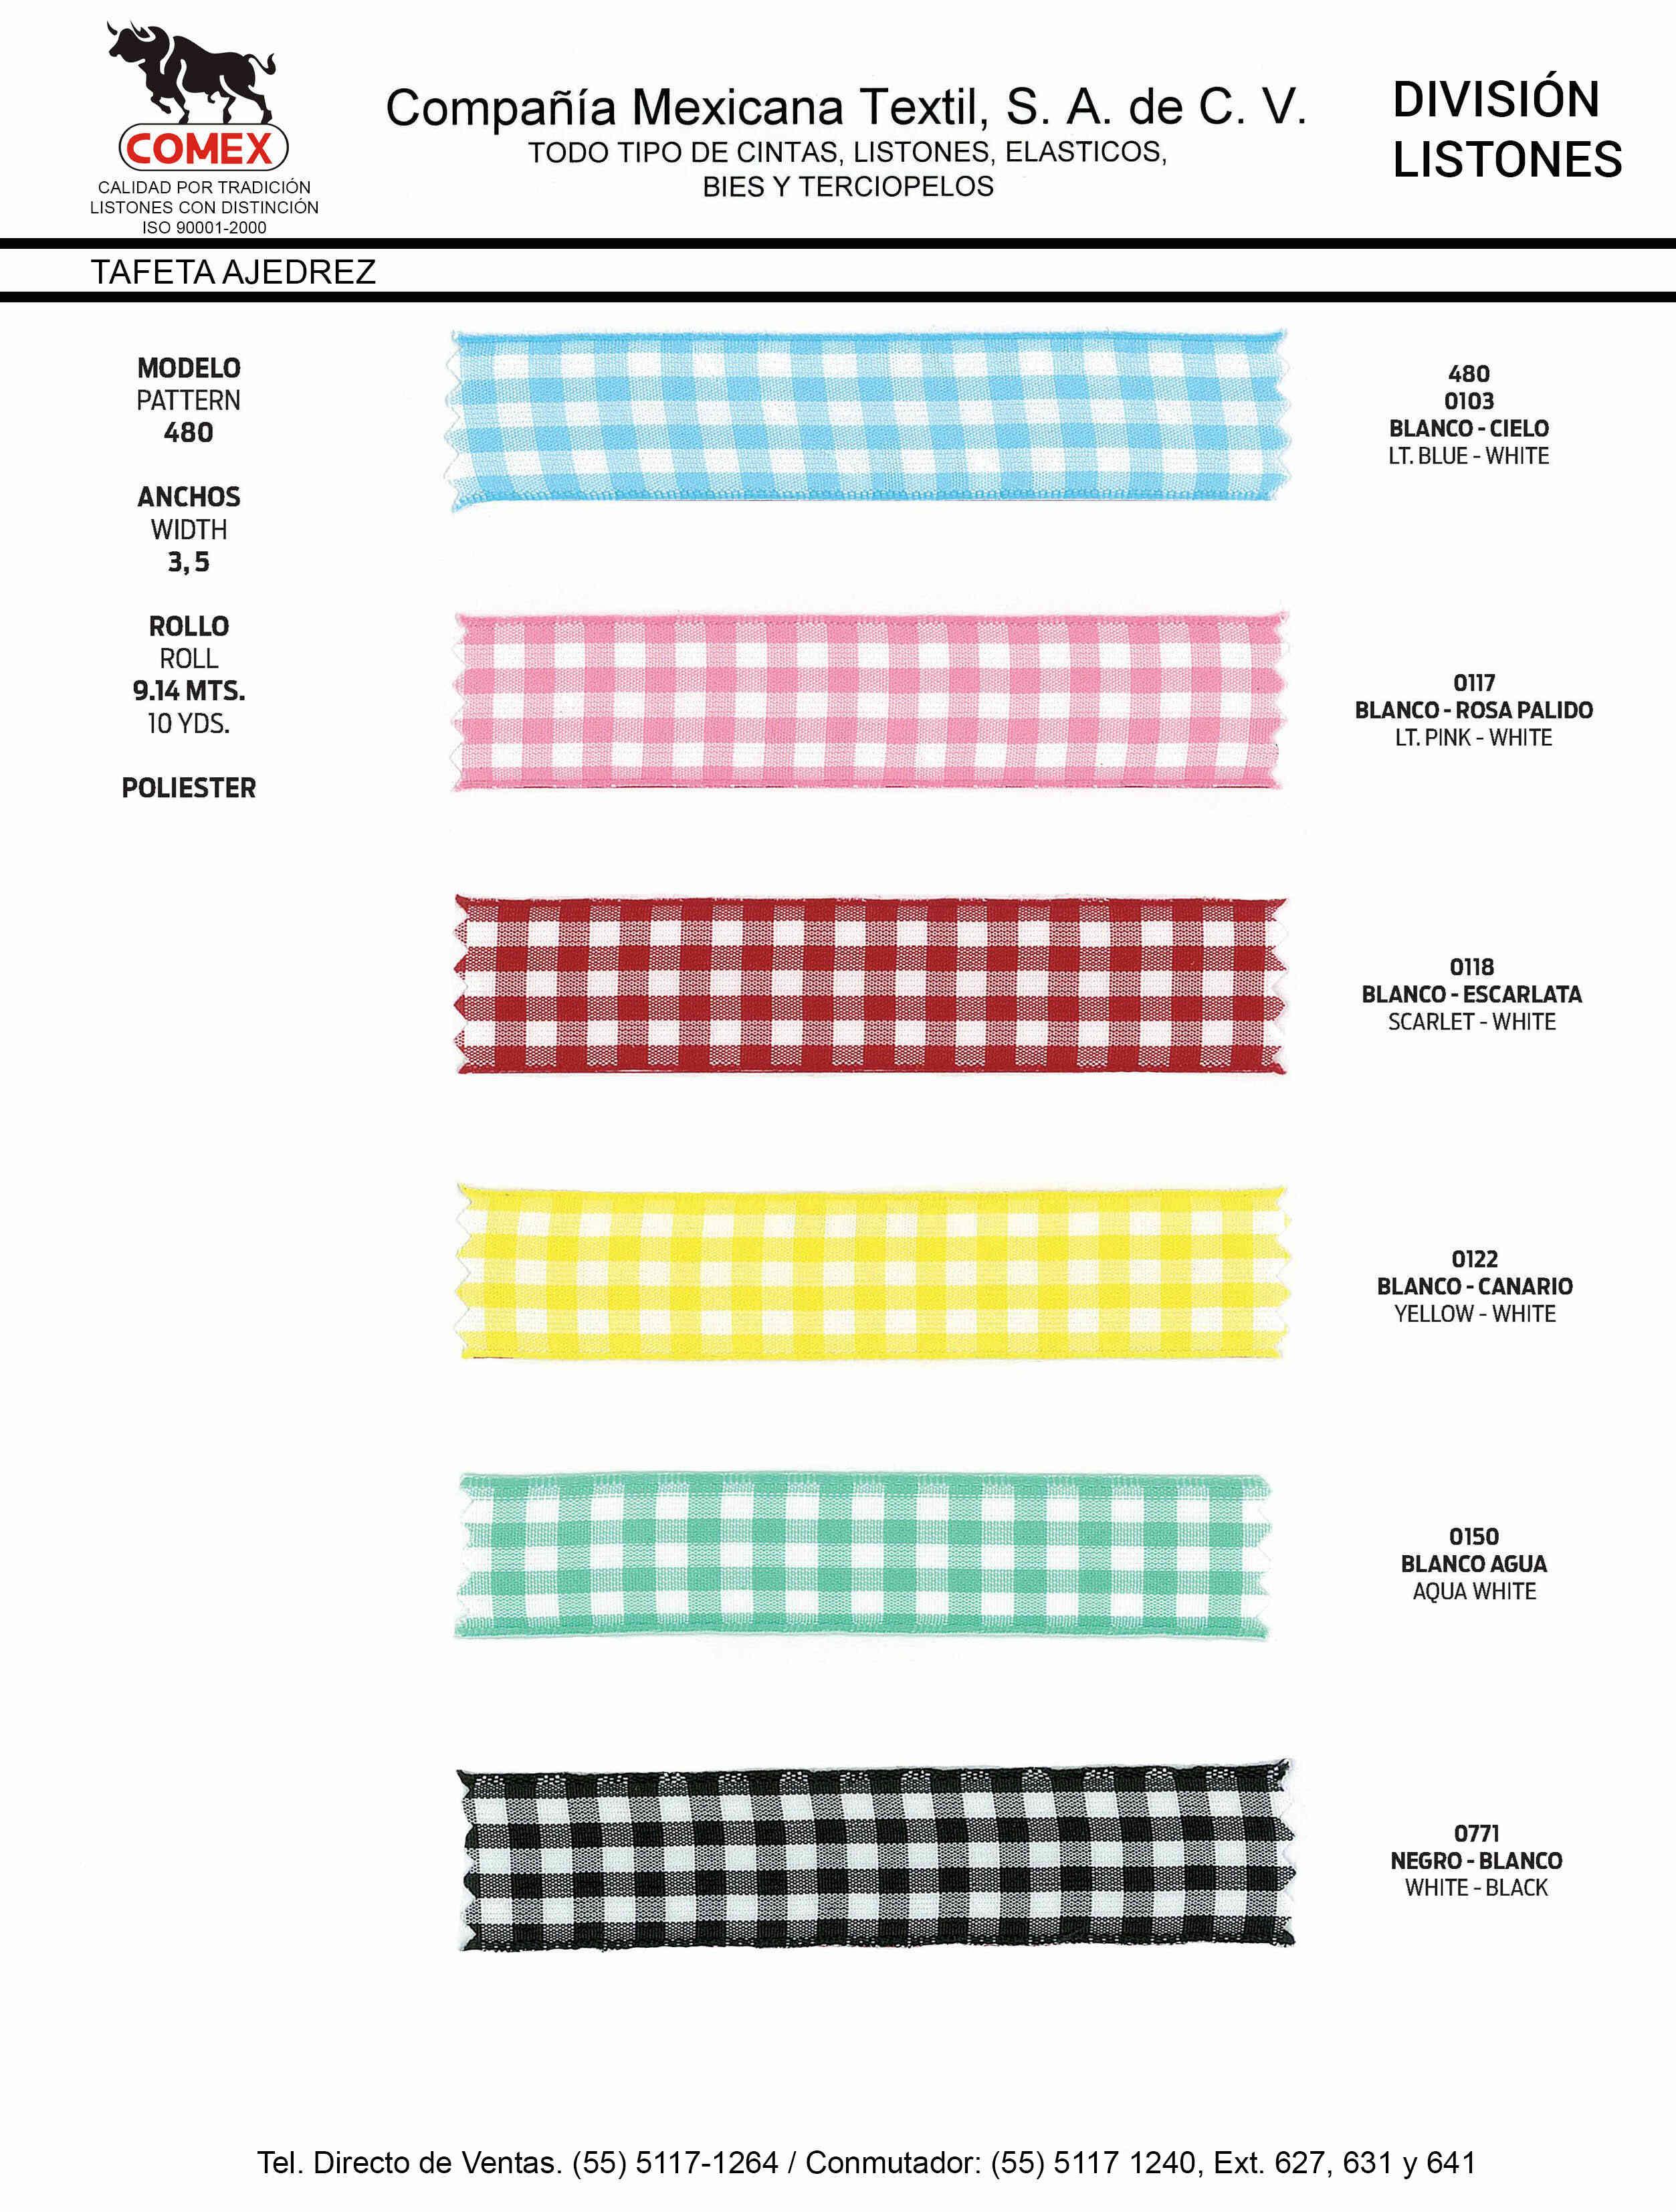 Anchos y Colores de Liston Mod.480